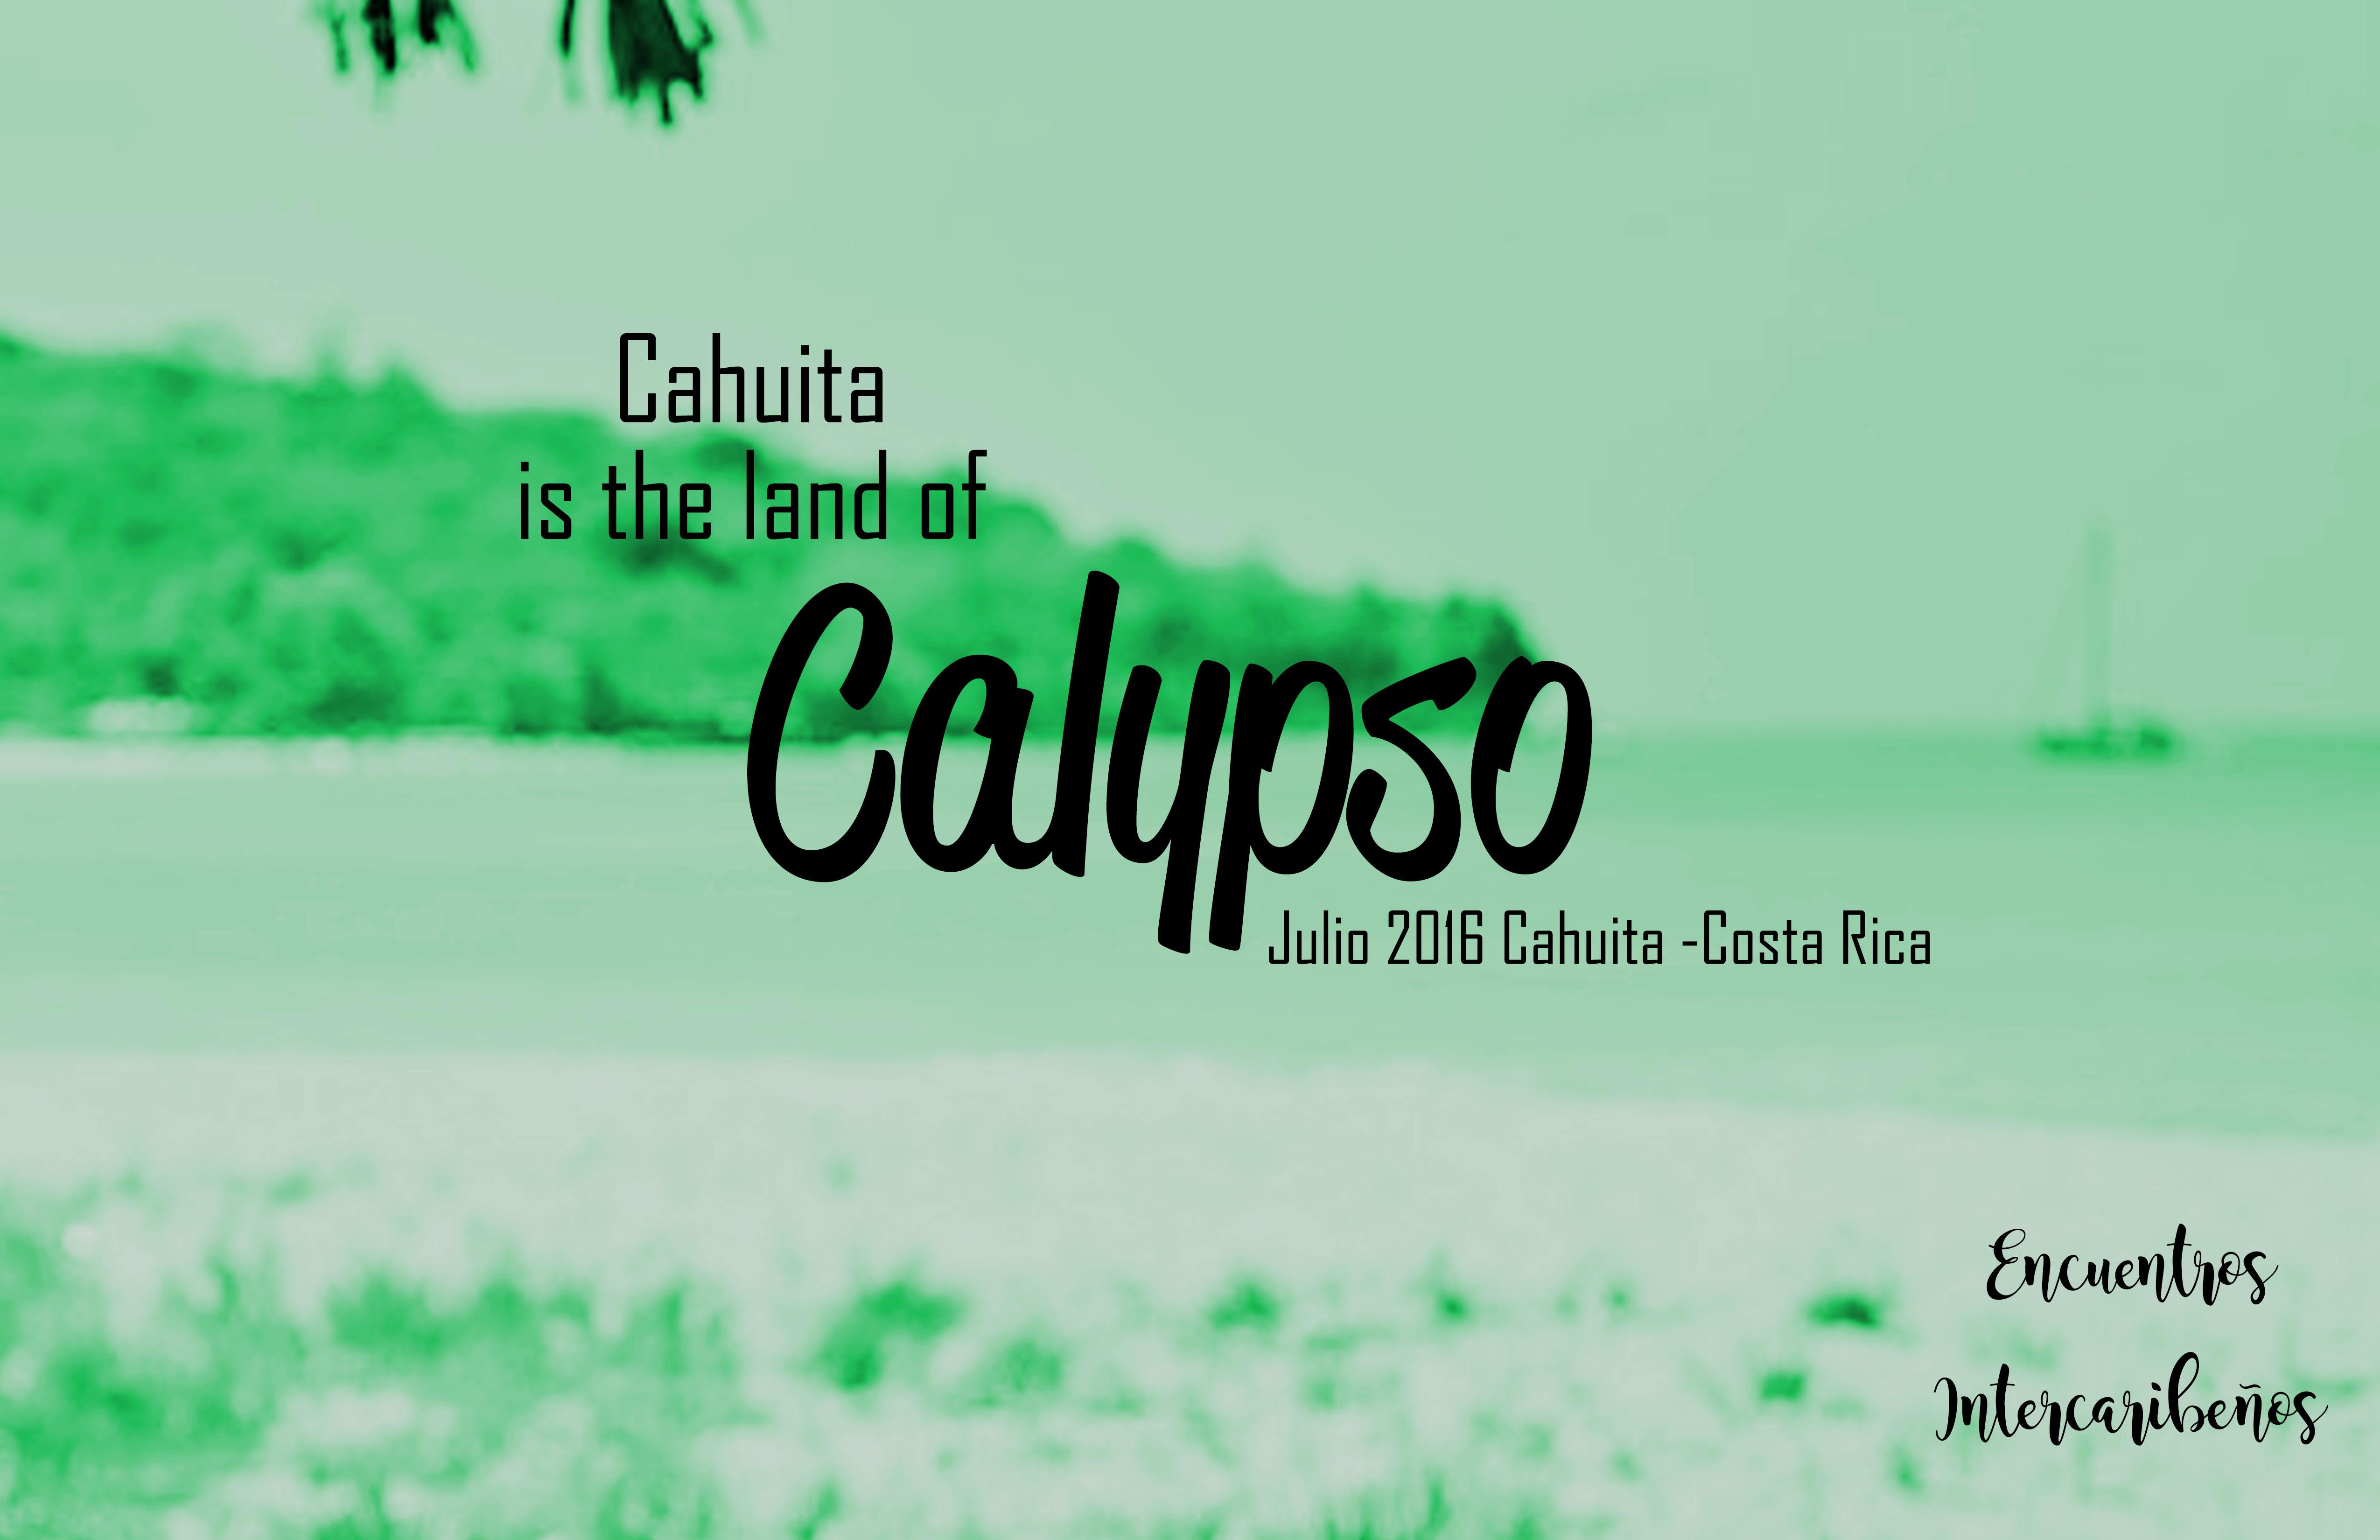 IV Festival de Calypso Cahuita 2016